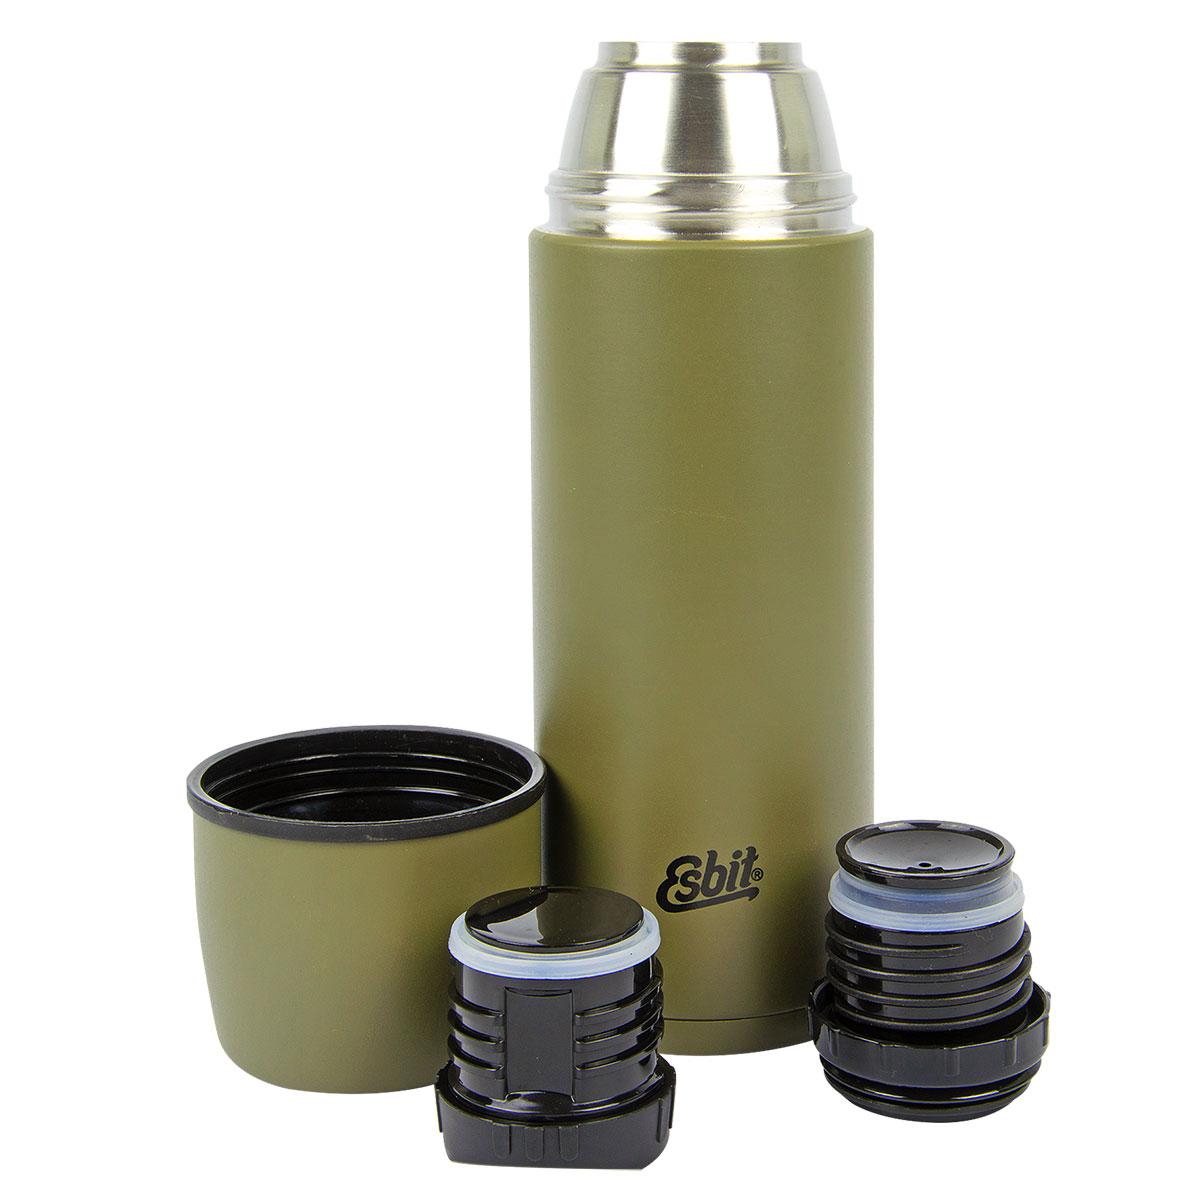 ESBIT Isolierflasche 1 Liter im Pareyshop